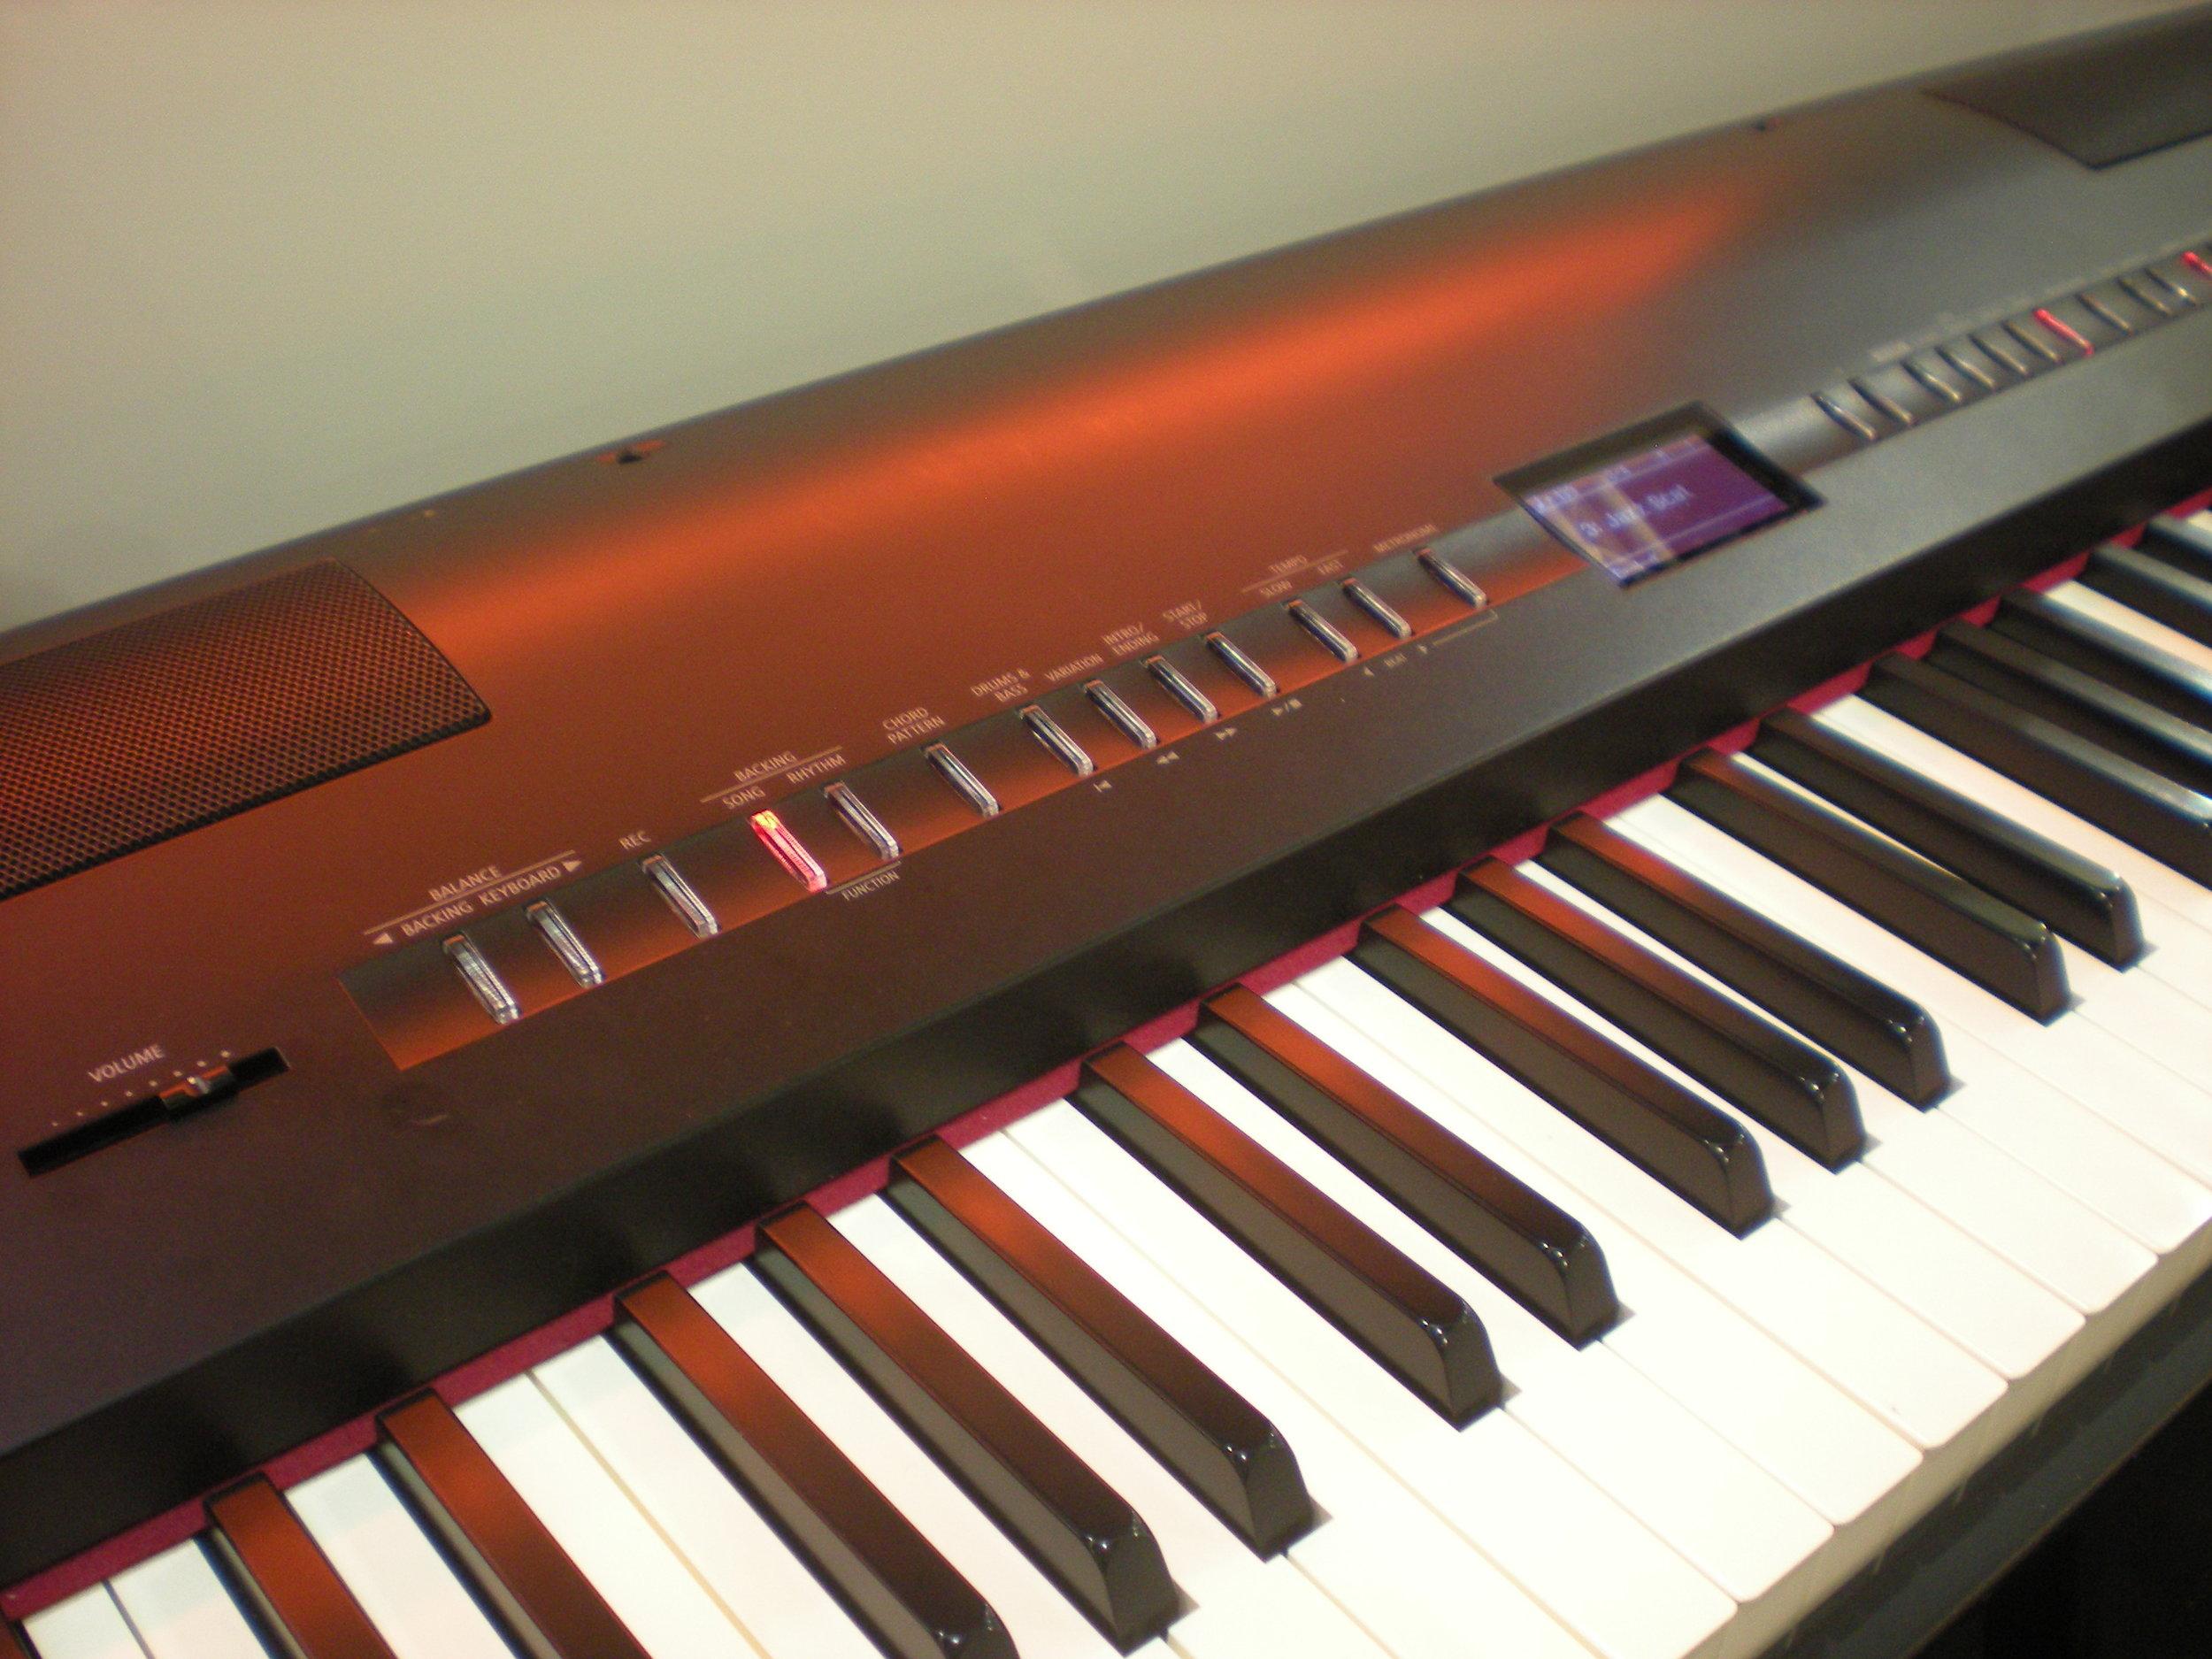 Porownanie Modeli Pianin Cyfrowych Roland Elpiano Nasza Pasja Sa Pianina